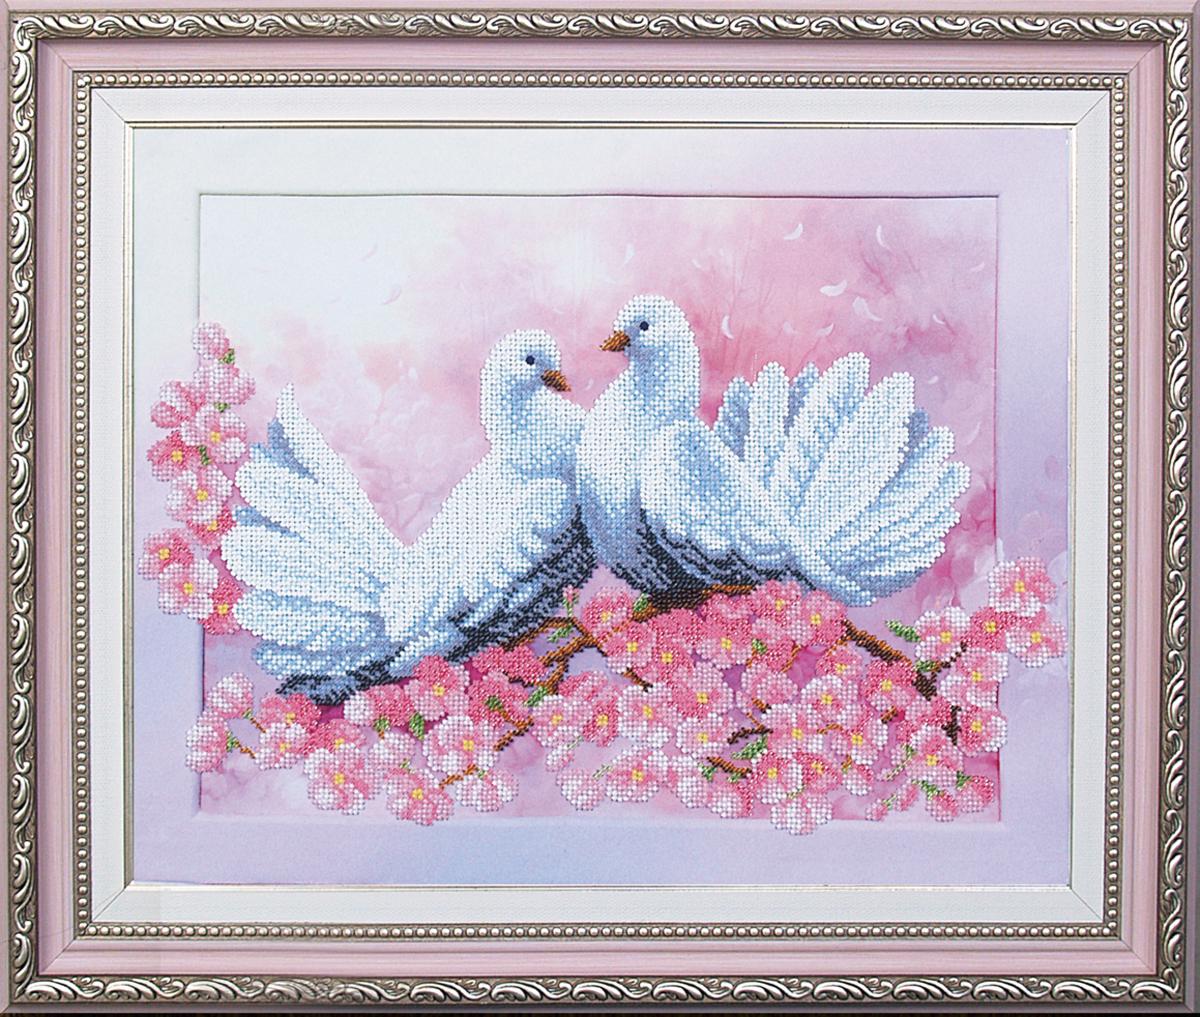 Набор для вышивания бисером Магия канвы Любовь и голуби, 37 х 30 см547769Наборы для вышивания бисером Магия канвы - это качественные материалы и красивые сюжеты, которые помогут вам создать маленькое чудо. В состав набора для вышивания бисером Любовь и голуби входит: уплотненная ткань с нанесенным рисунком, бисер Preciosa (Чехия) - 17 цветов, игла, инструкция.